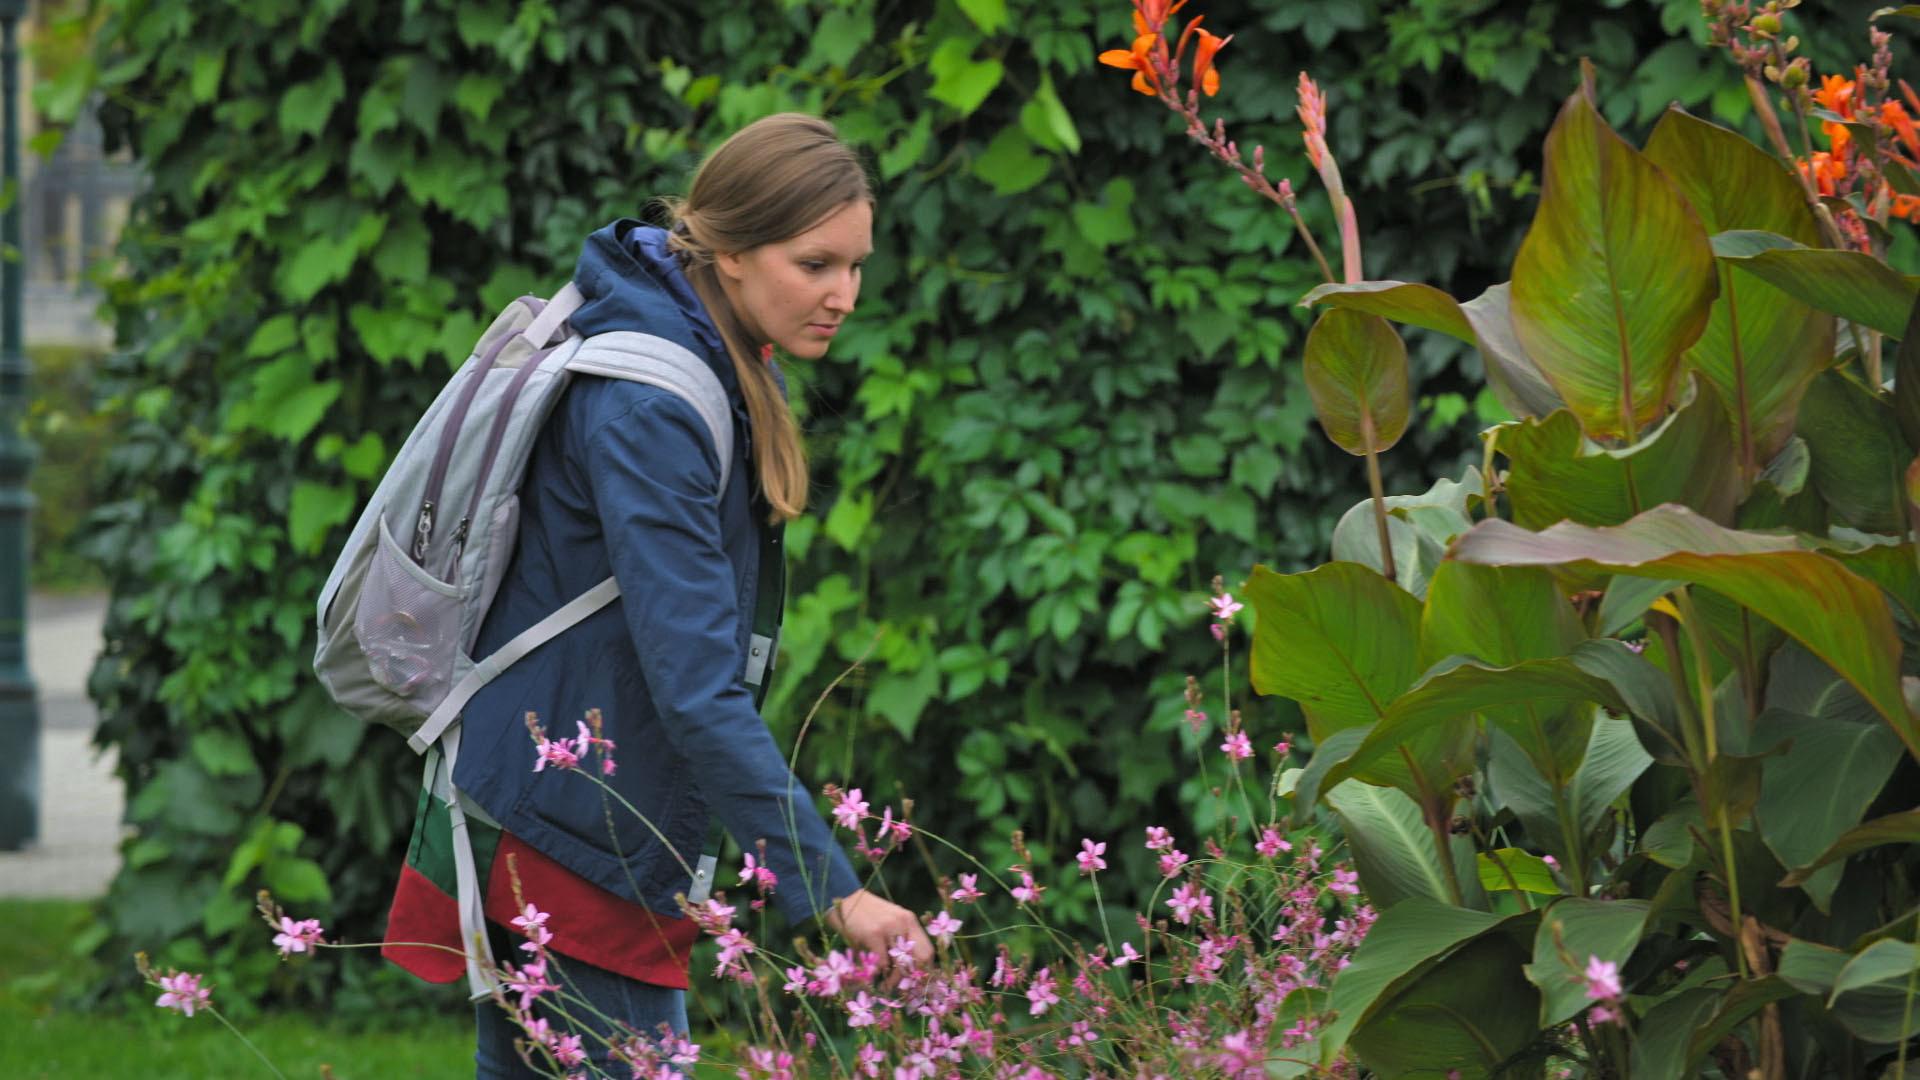 Marie-Luissic-Horvath-Gartenbau-Ingenieurin